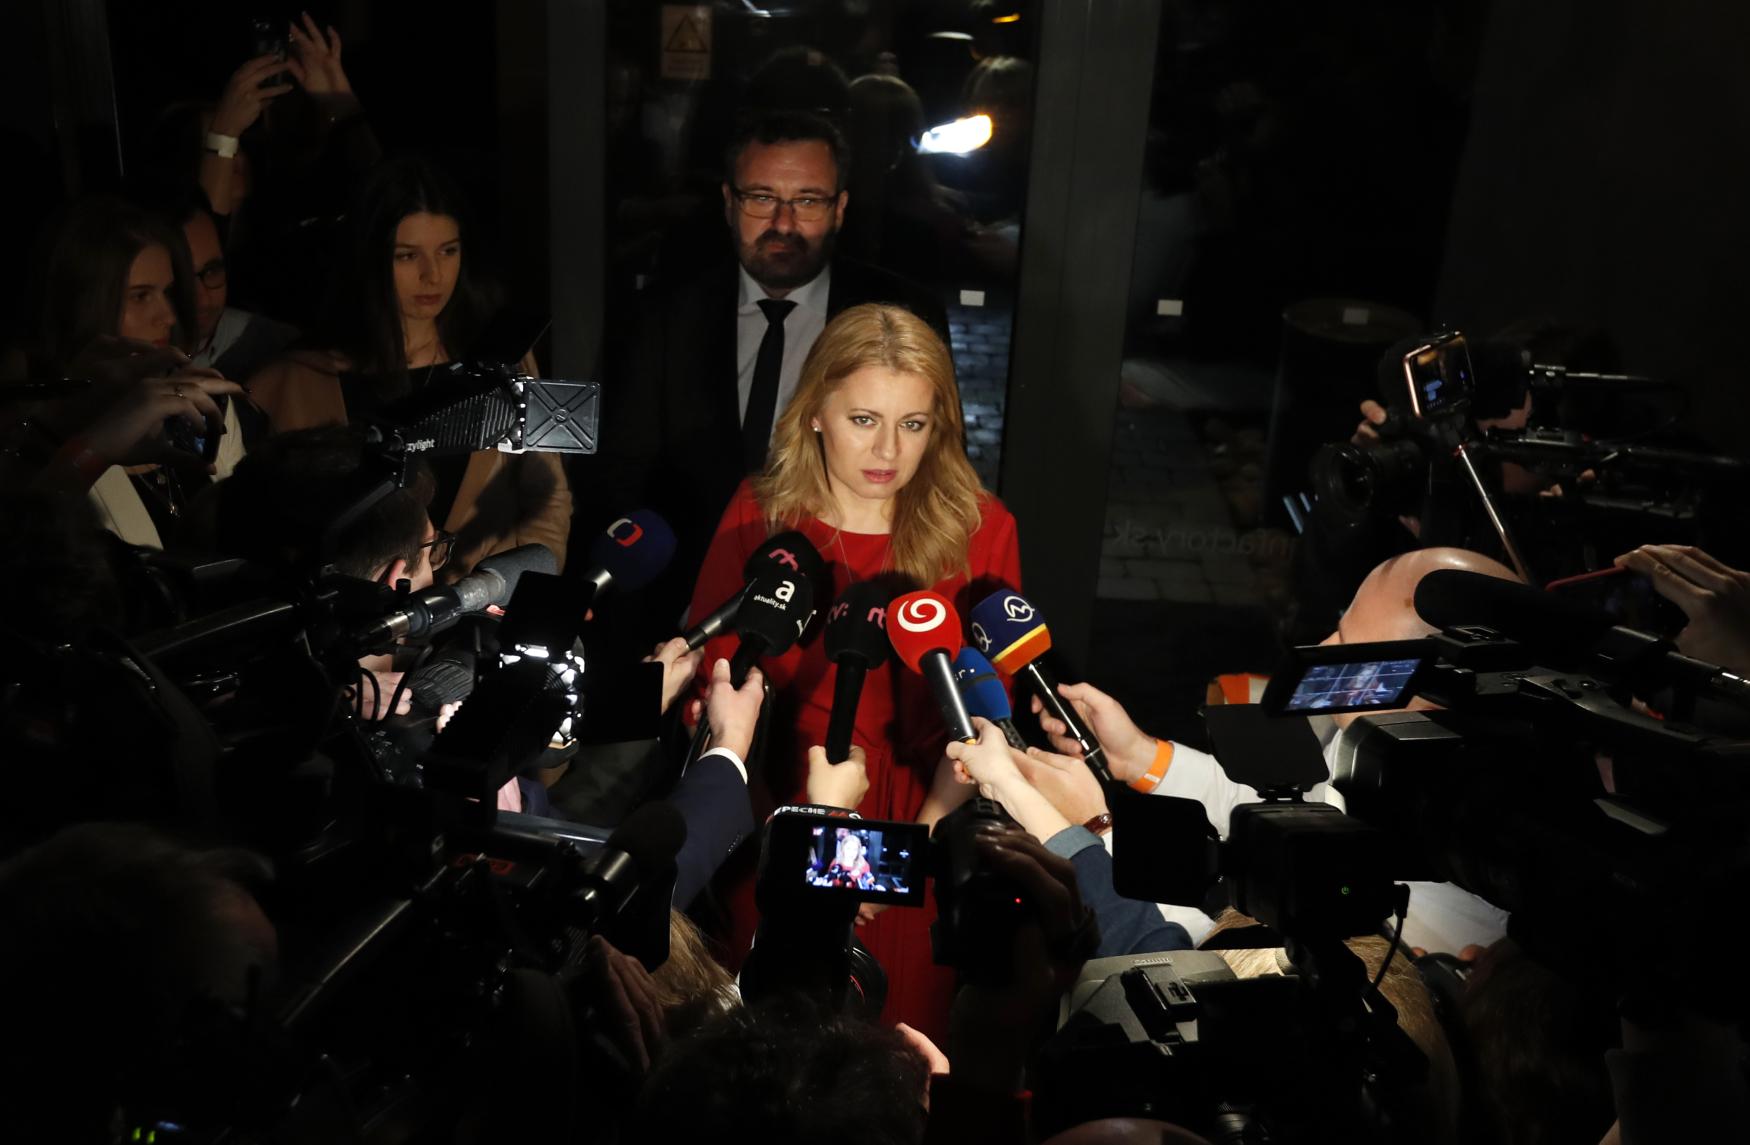 Kandidátka Zuzana Čaputová mluví po příchodu do bratislavského volebního štábu k novinářům